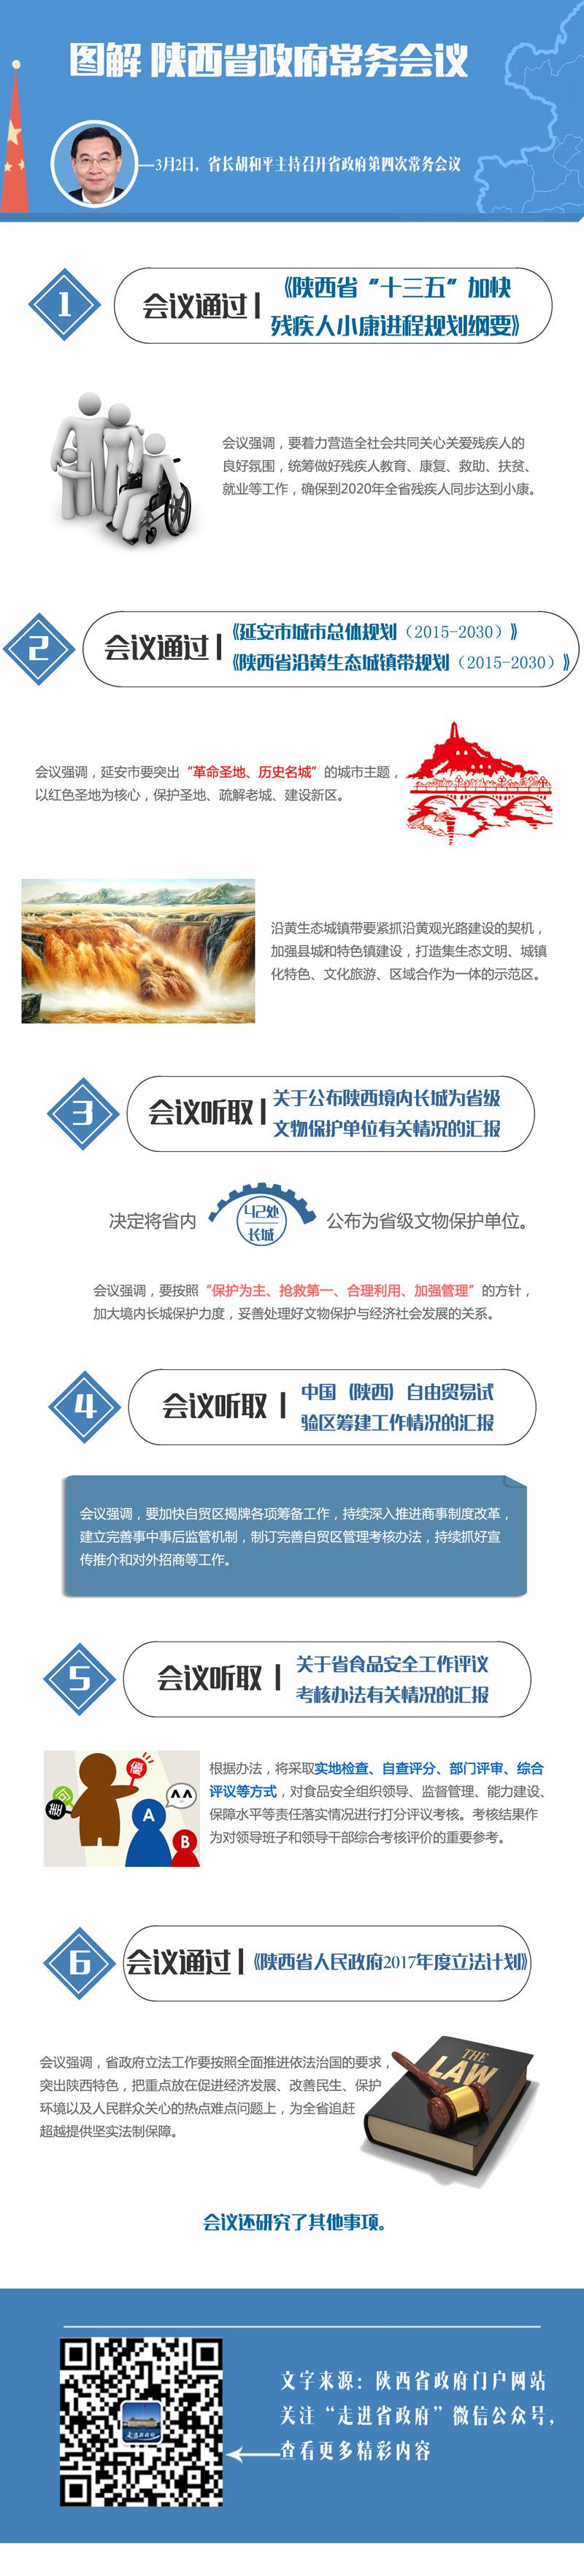 图解:陕西省政府2017年第四次常务会议